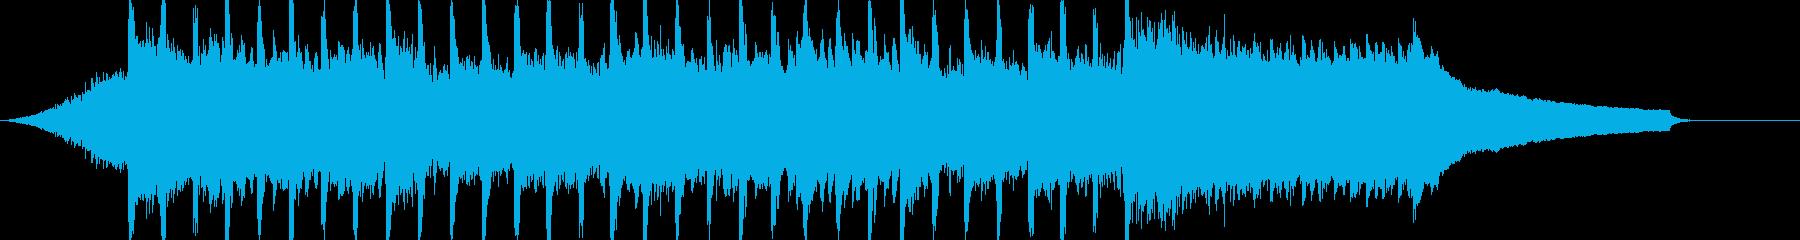 企業VP系52、爽やかピアノ4つ打ちcの再生済みの波形